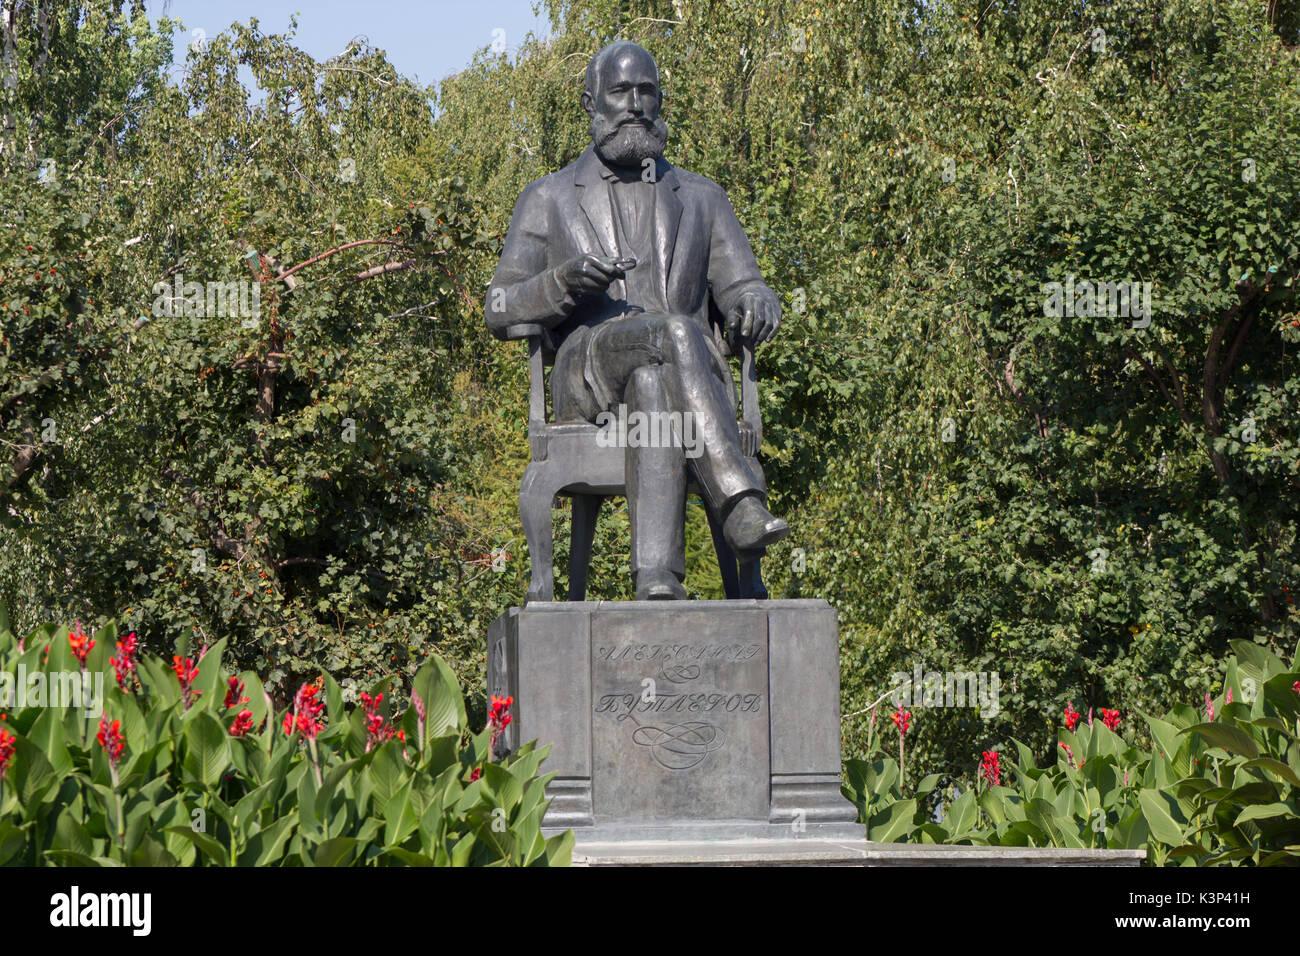 RUSSIA, KAZAN, september 2, 2017: monument for Russian chemist - Alexander Butlerov on Pushkin street - Stock Image